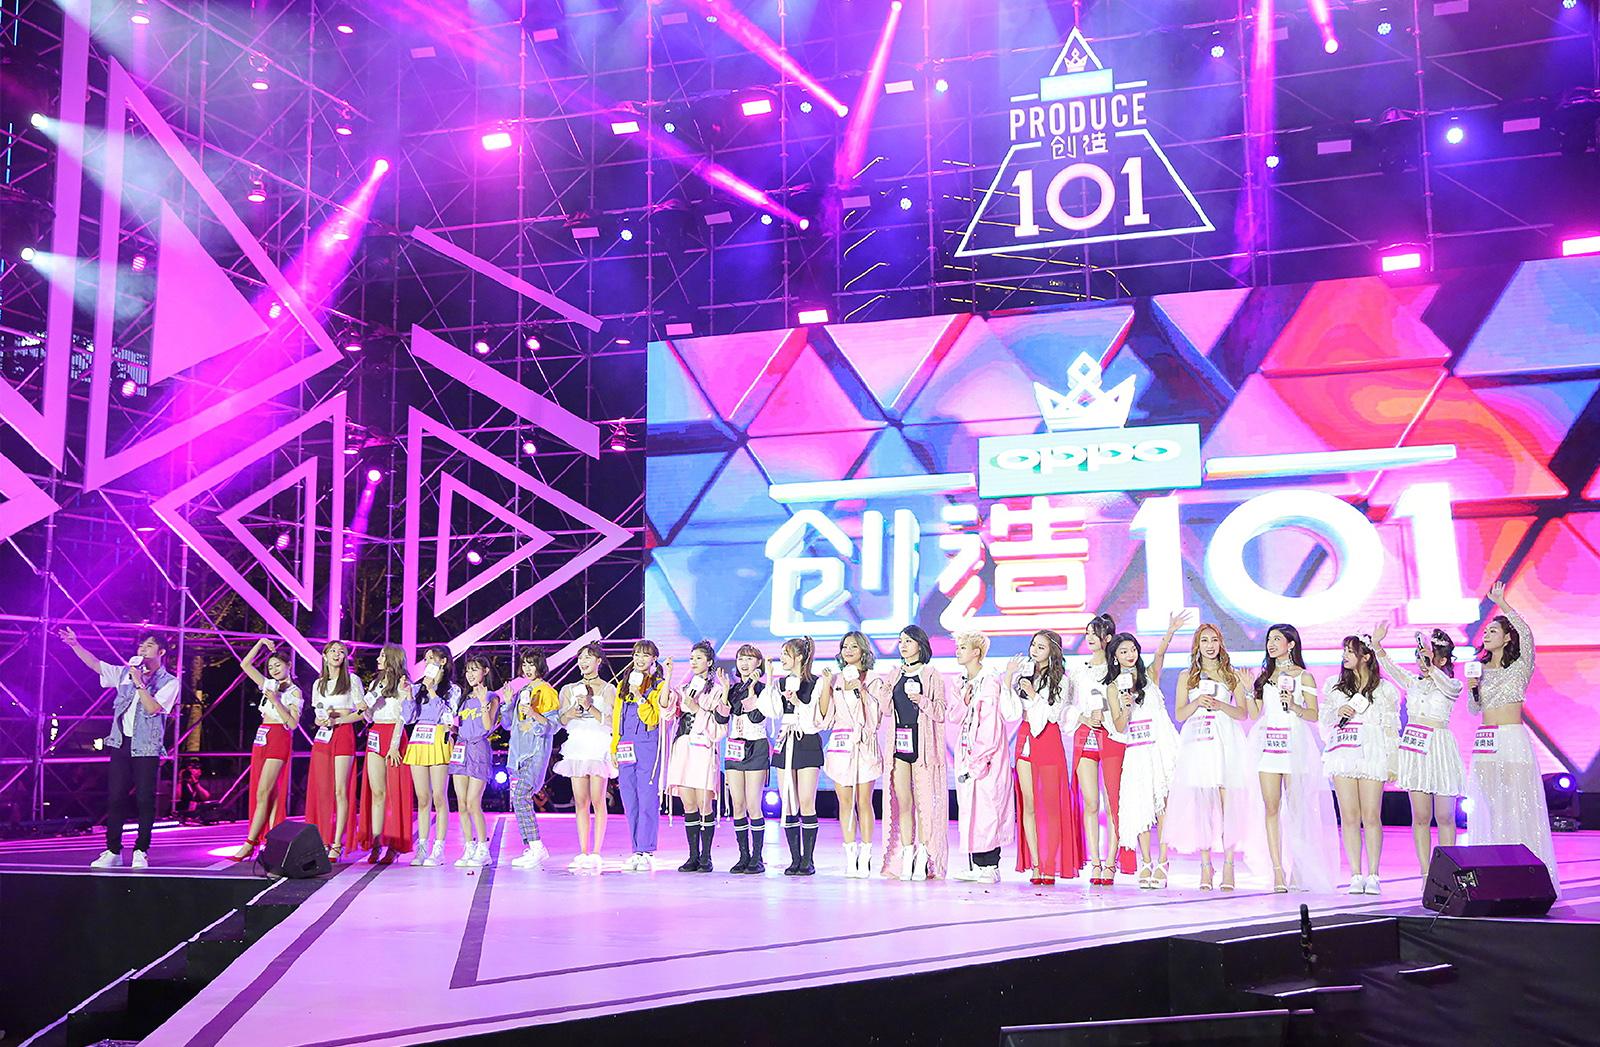 《创造101》女团创始人见面会 娱乐活动粉丝见面会-0